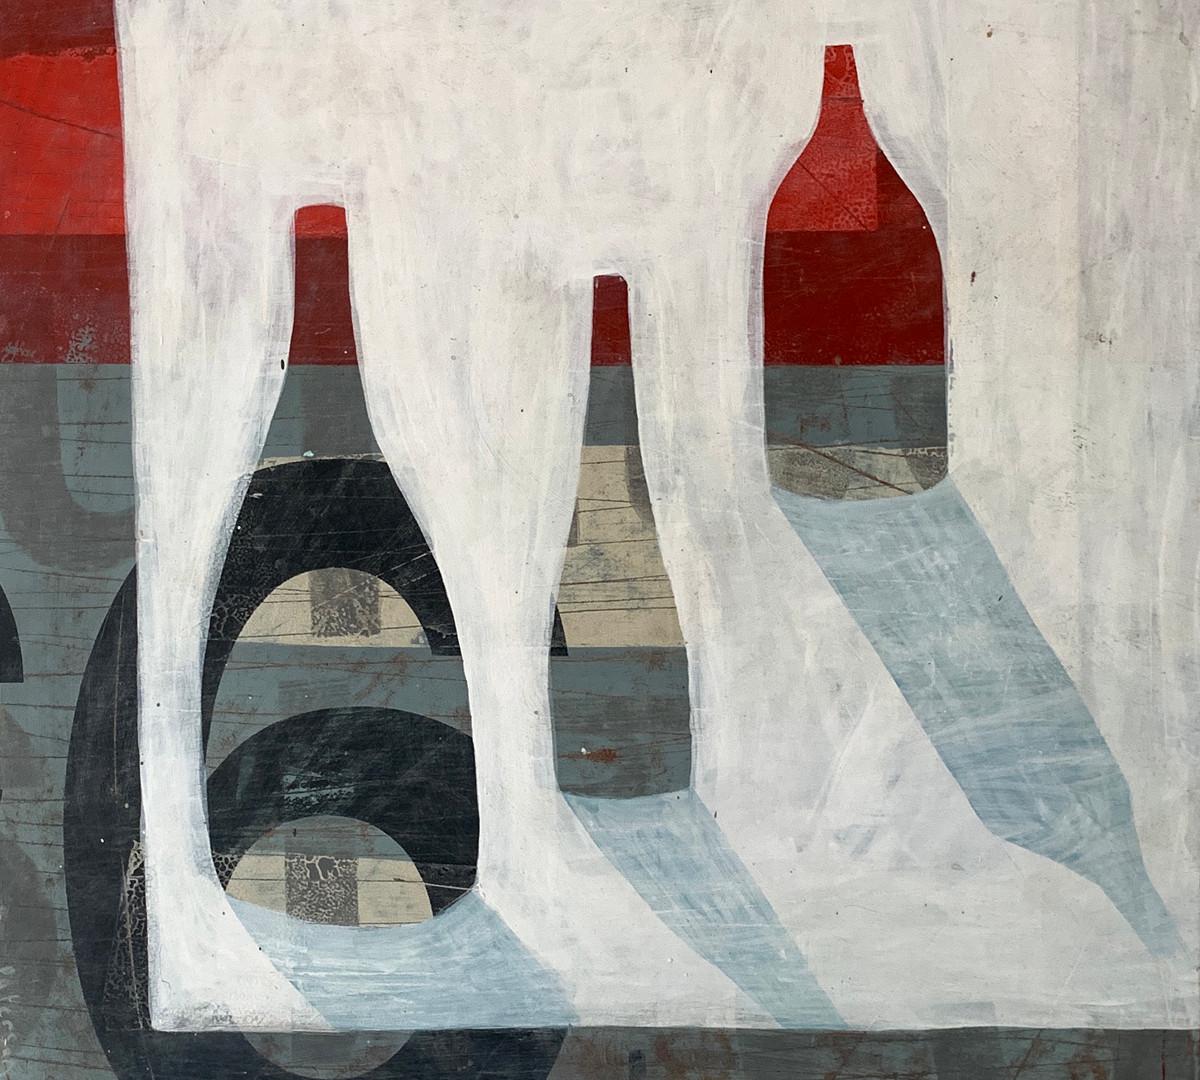 Bottle Abstract on white.jpg